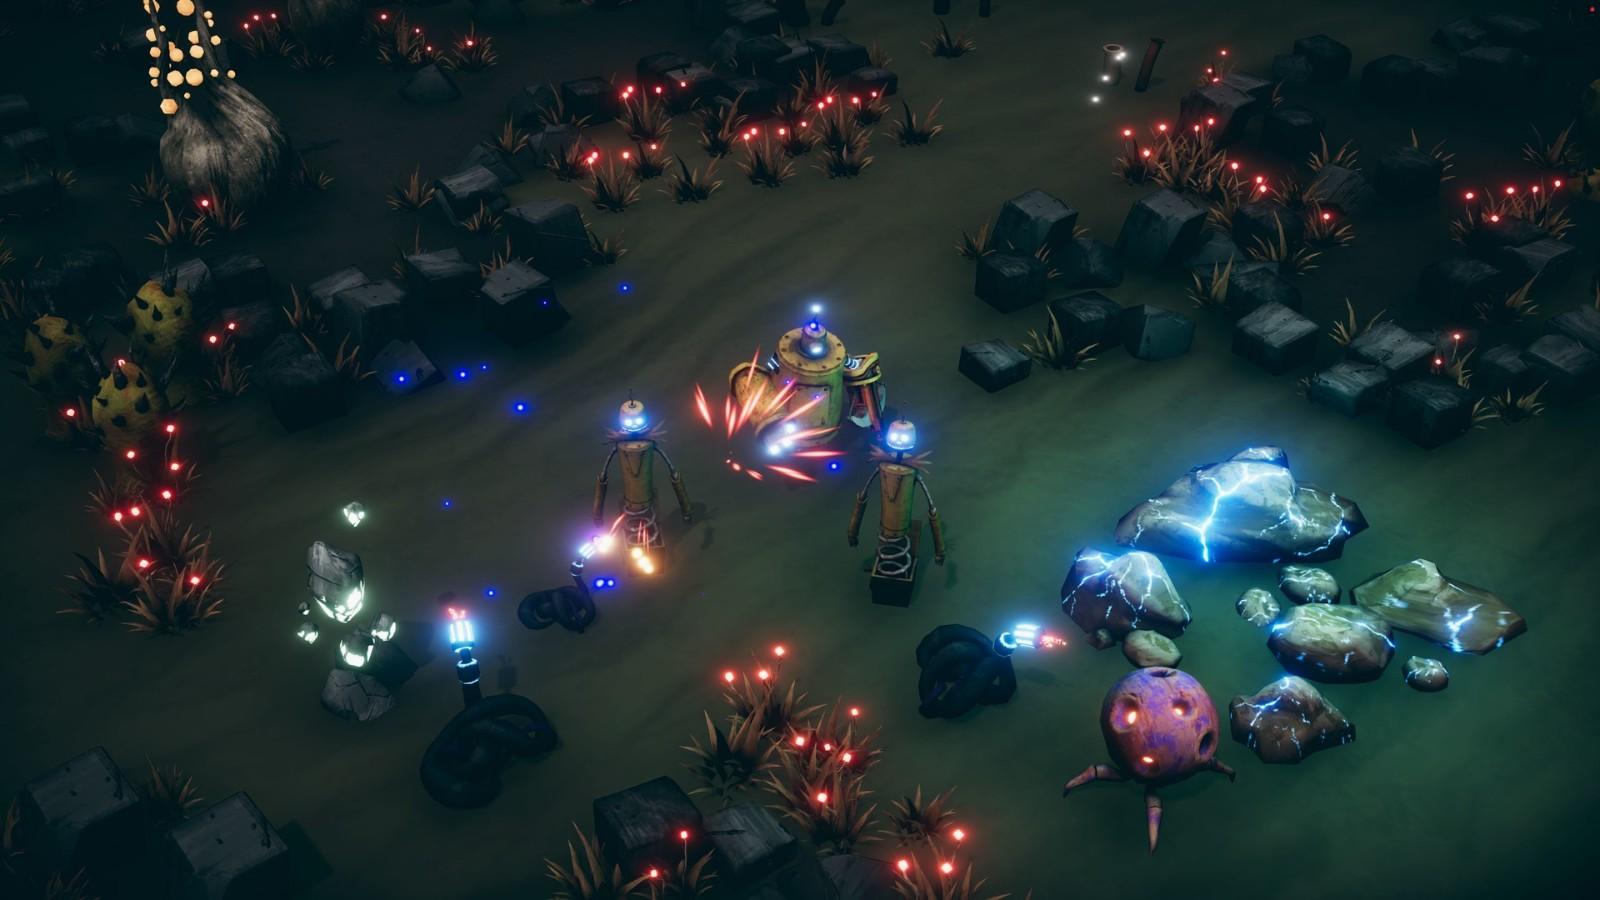 建设飞行都市 《梦幻引擎:游牧城市》7月14日发售